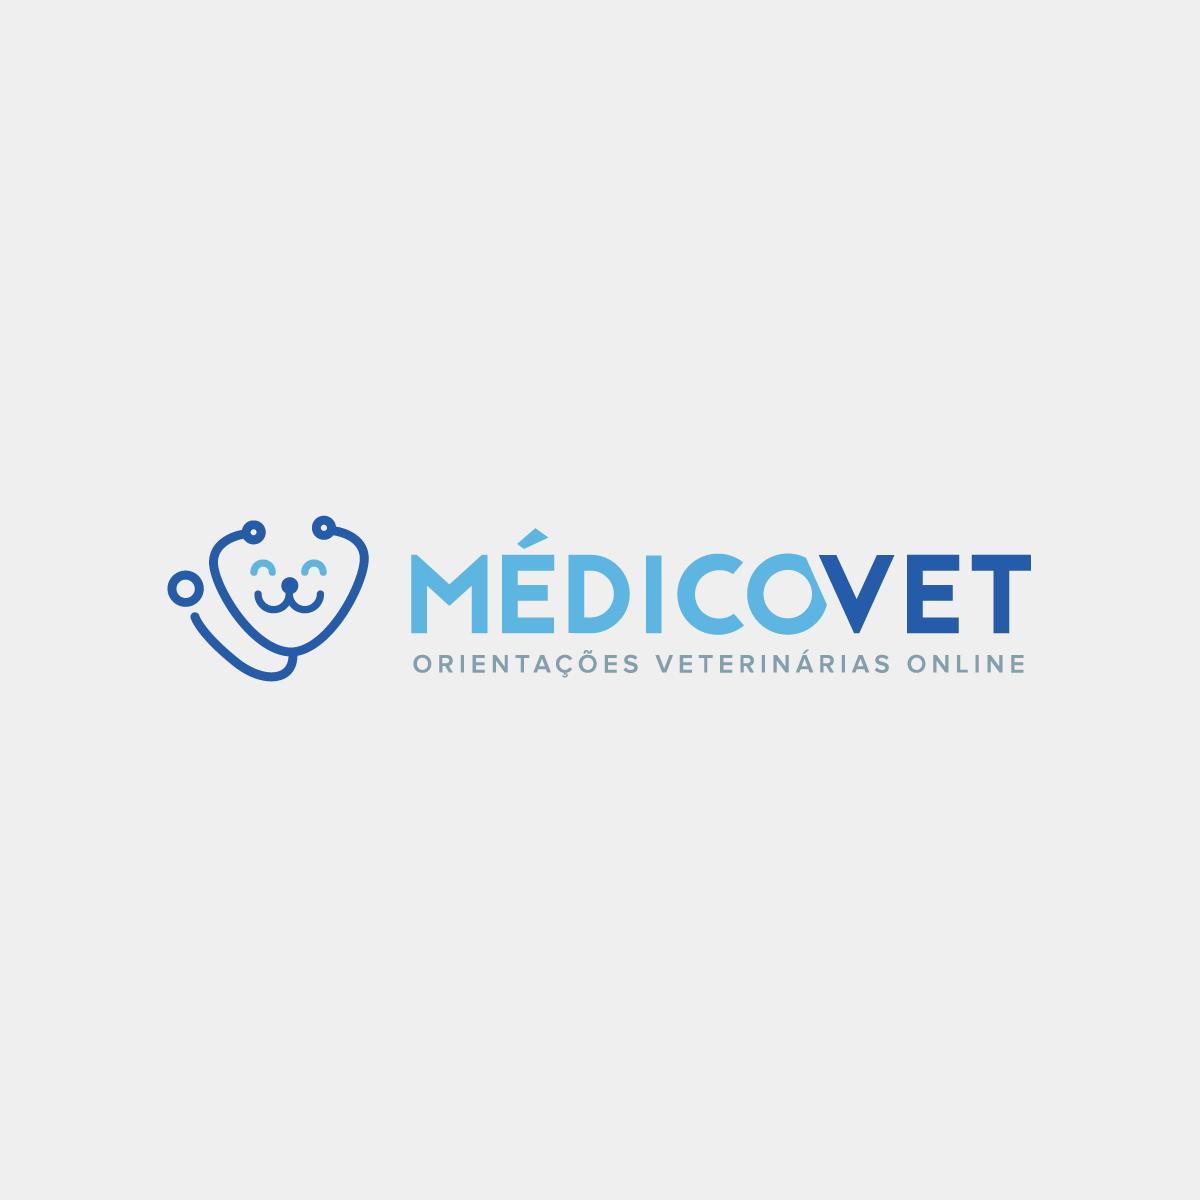 https://brasiltelemedicina.com.br/wp-content/uploads/2016/07/medicovet-1200x1200-1200x1200.png